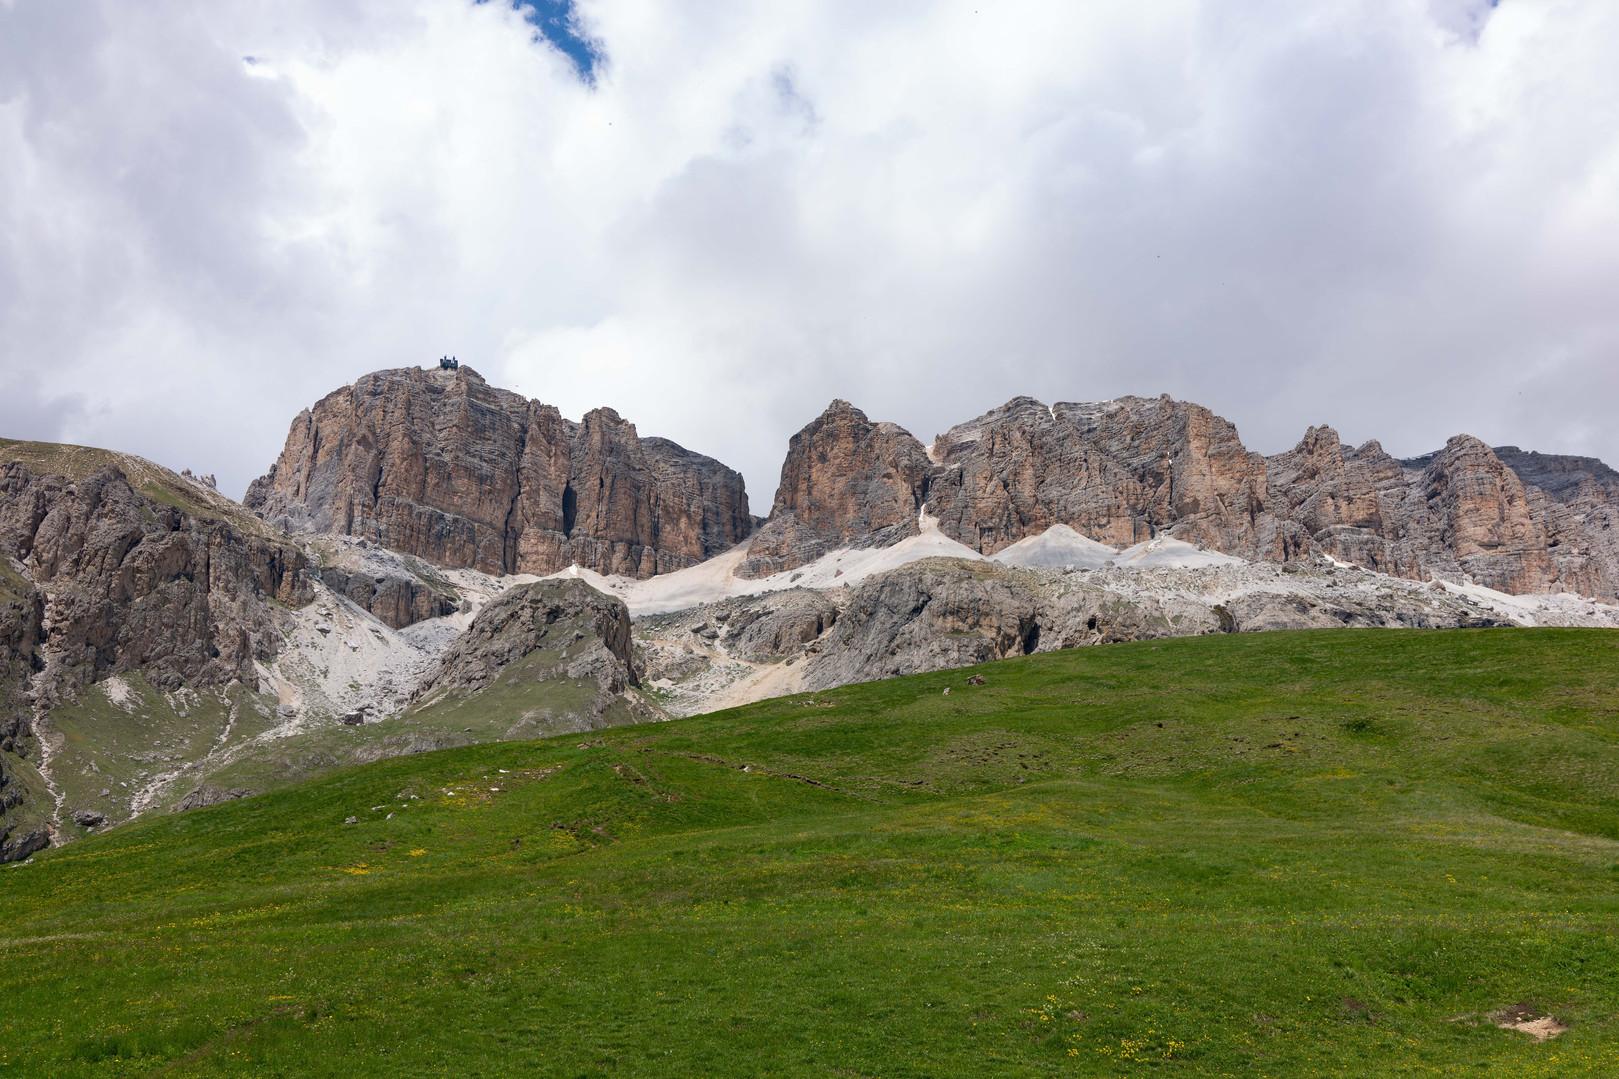 Reisebericht Urlaub Dolomiten 2020 mit einer Zero SR/S